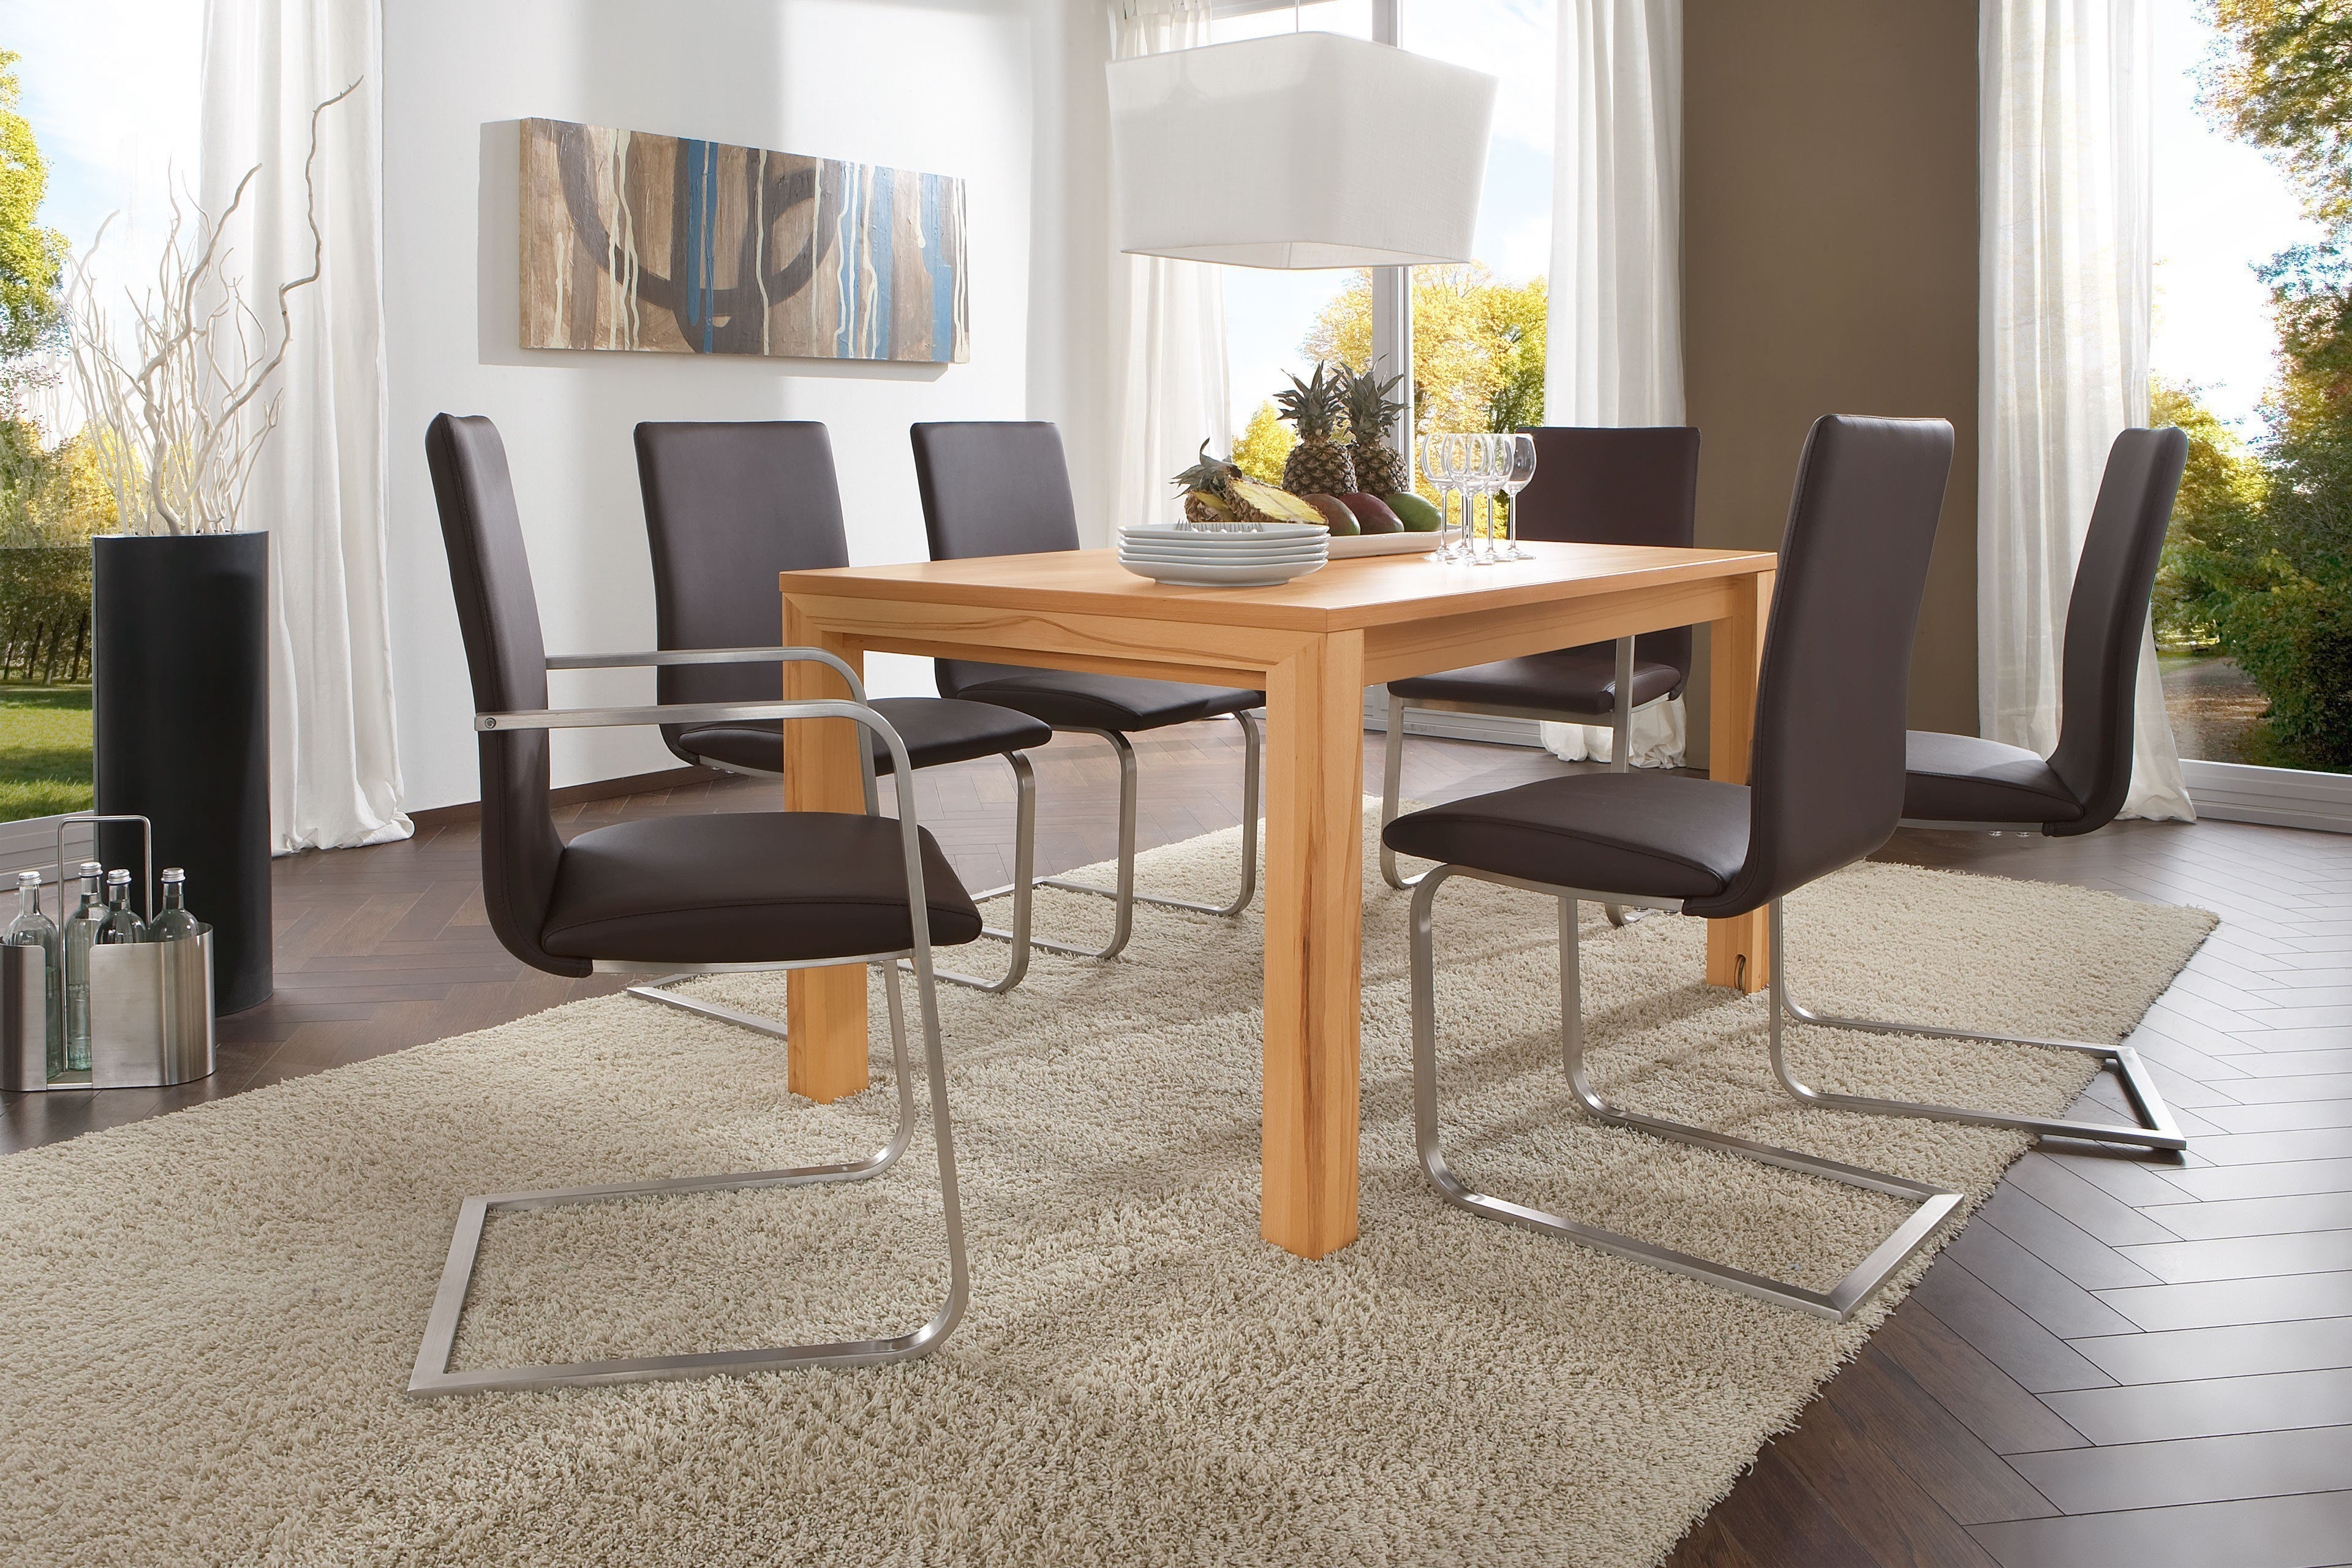 Schön Esszimmer Von Niehoff Sitzmöbel   Tisch 5723 U0026 Stuhl 7571